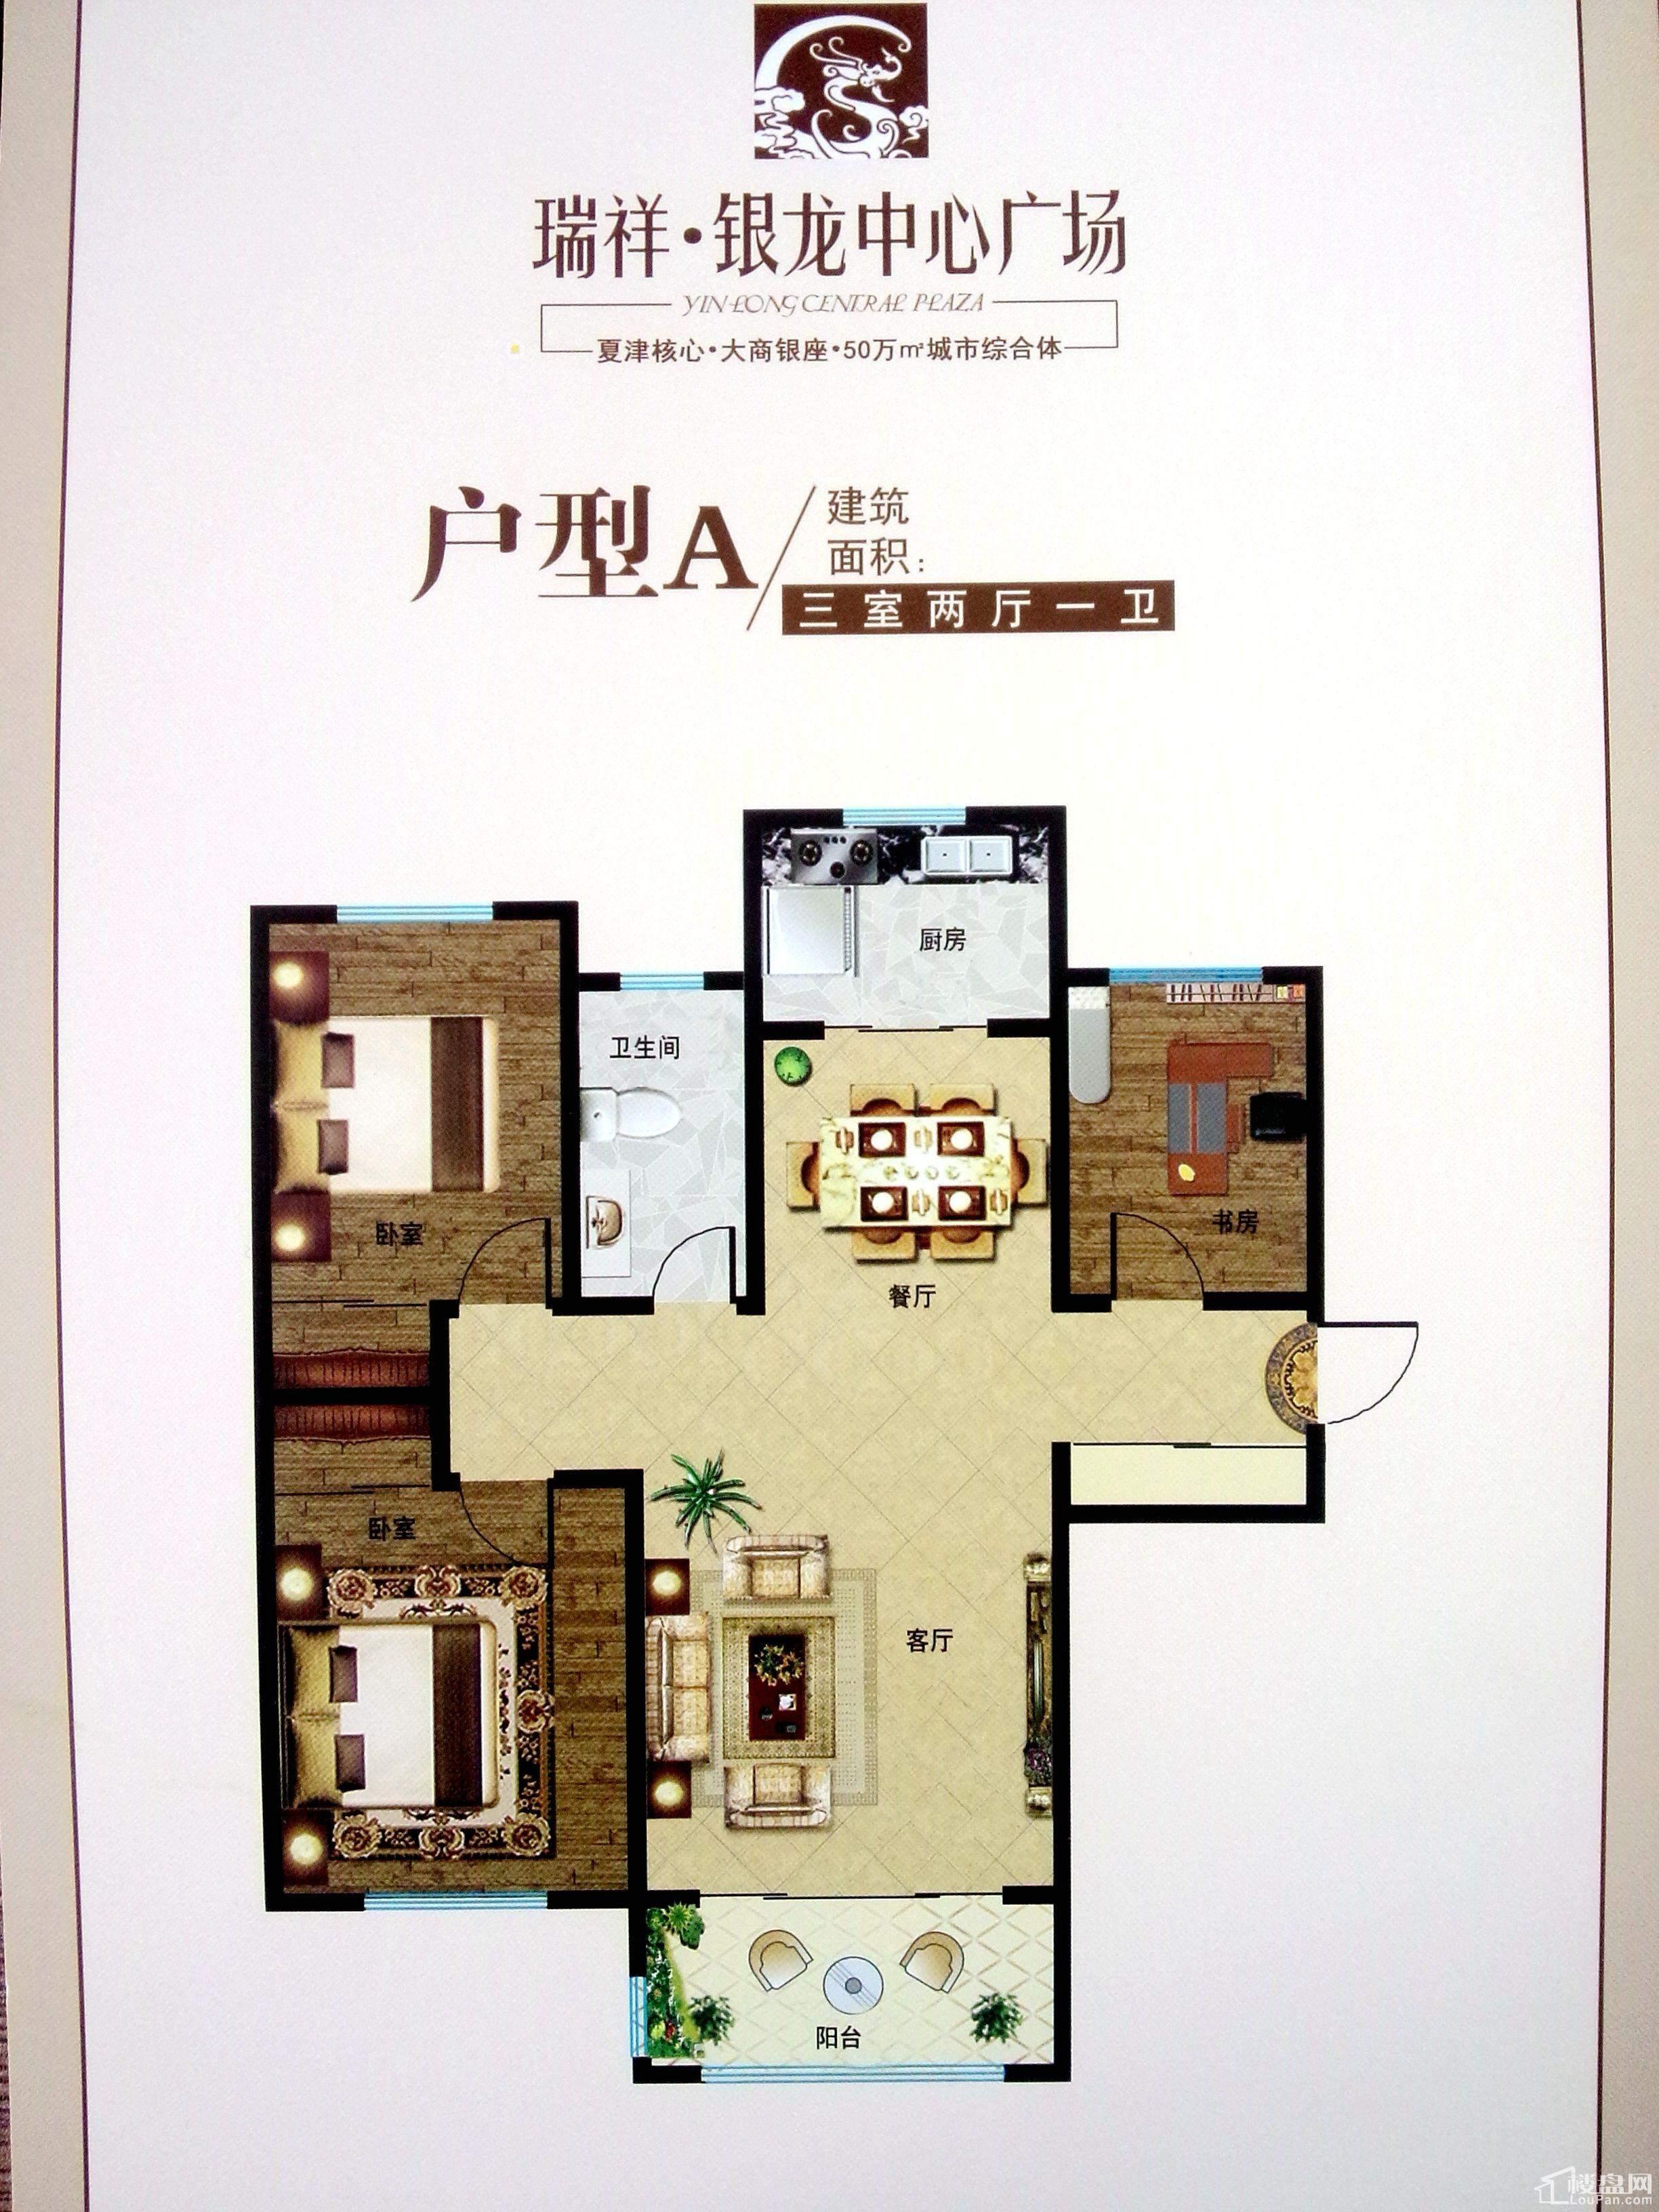 银龙中心广场户型图